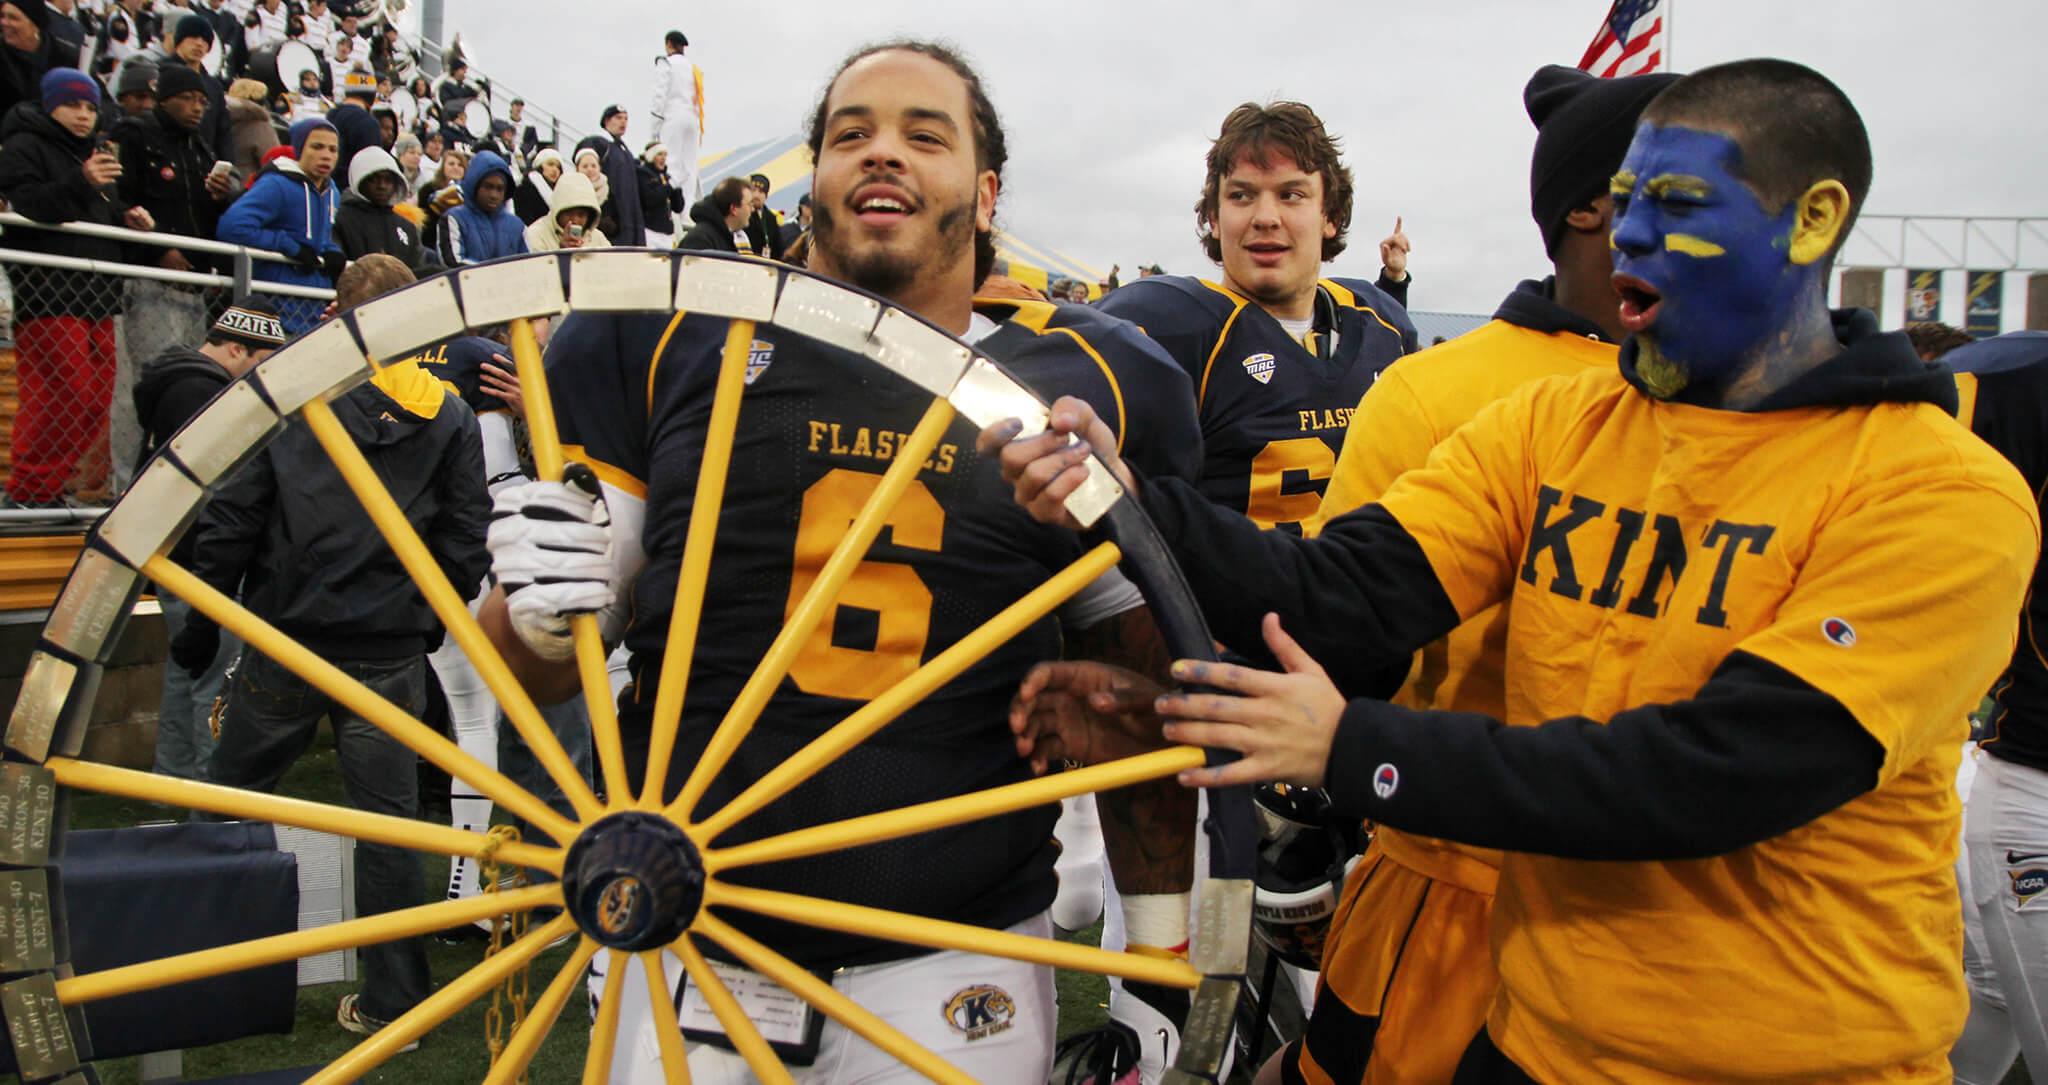 Kent State vs Akron Wagon Wheel Trophy rivalry